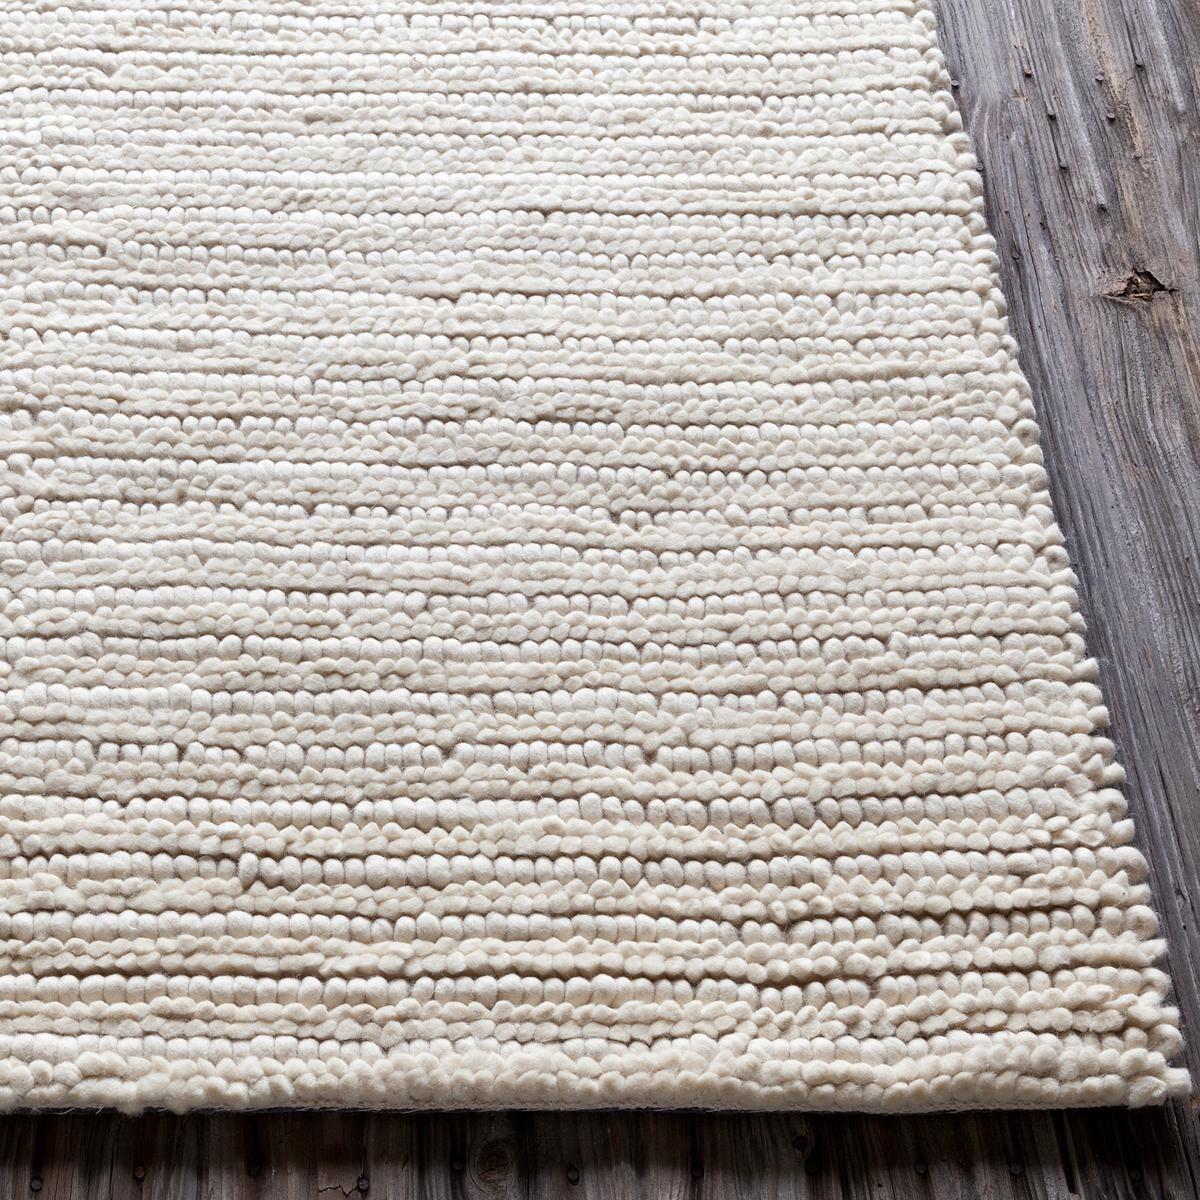 Hand Woven New Zealand Wool Rug